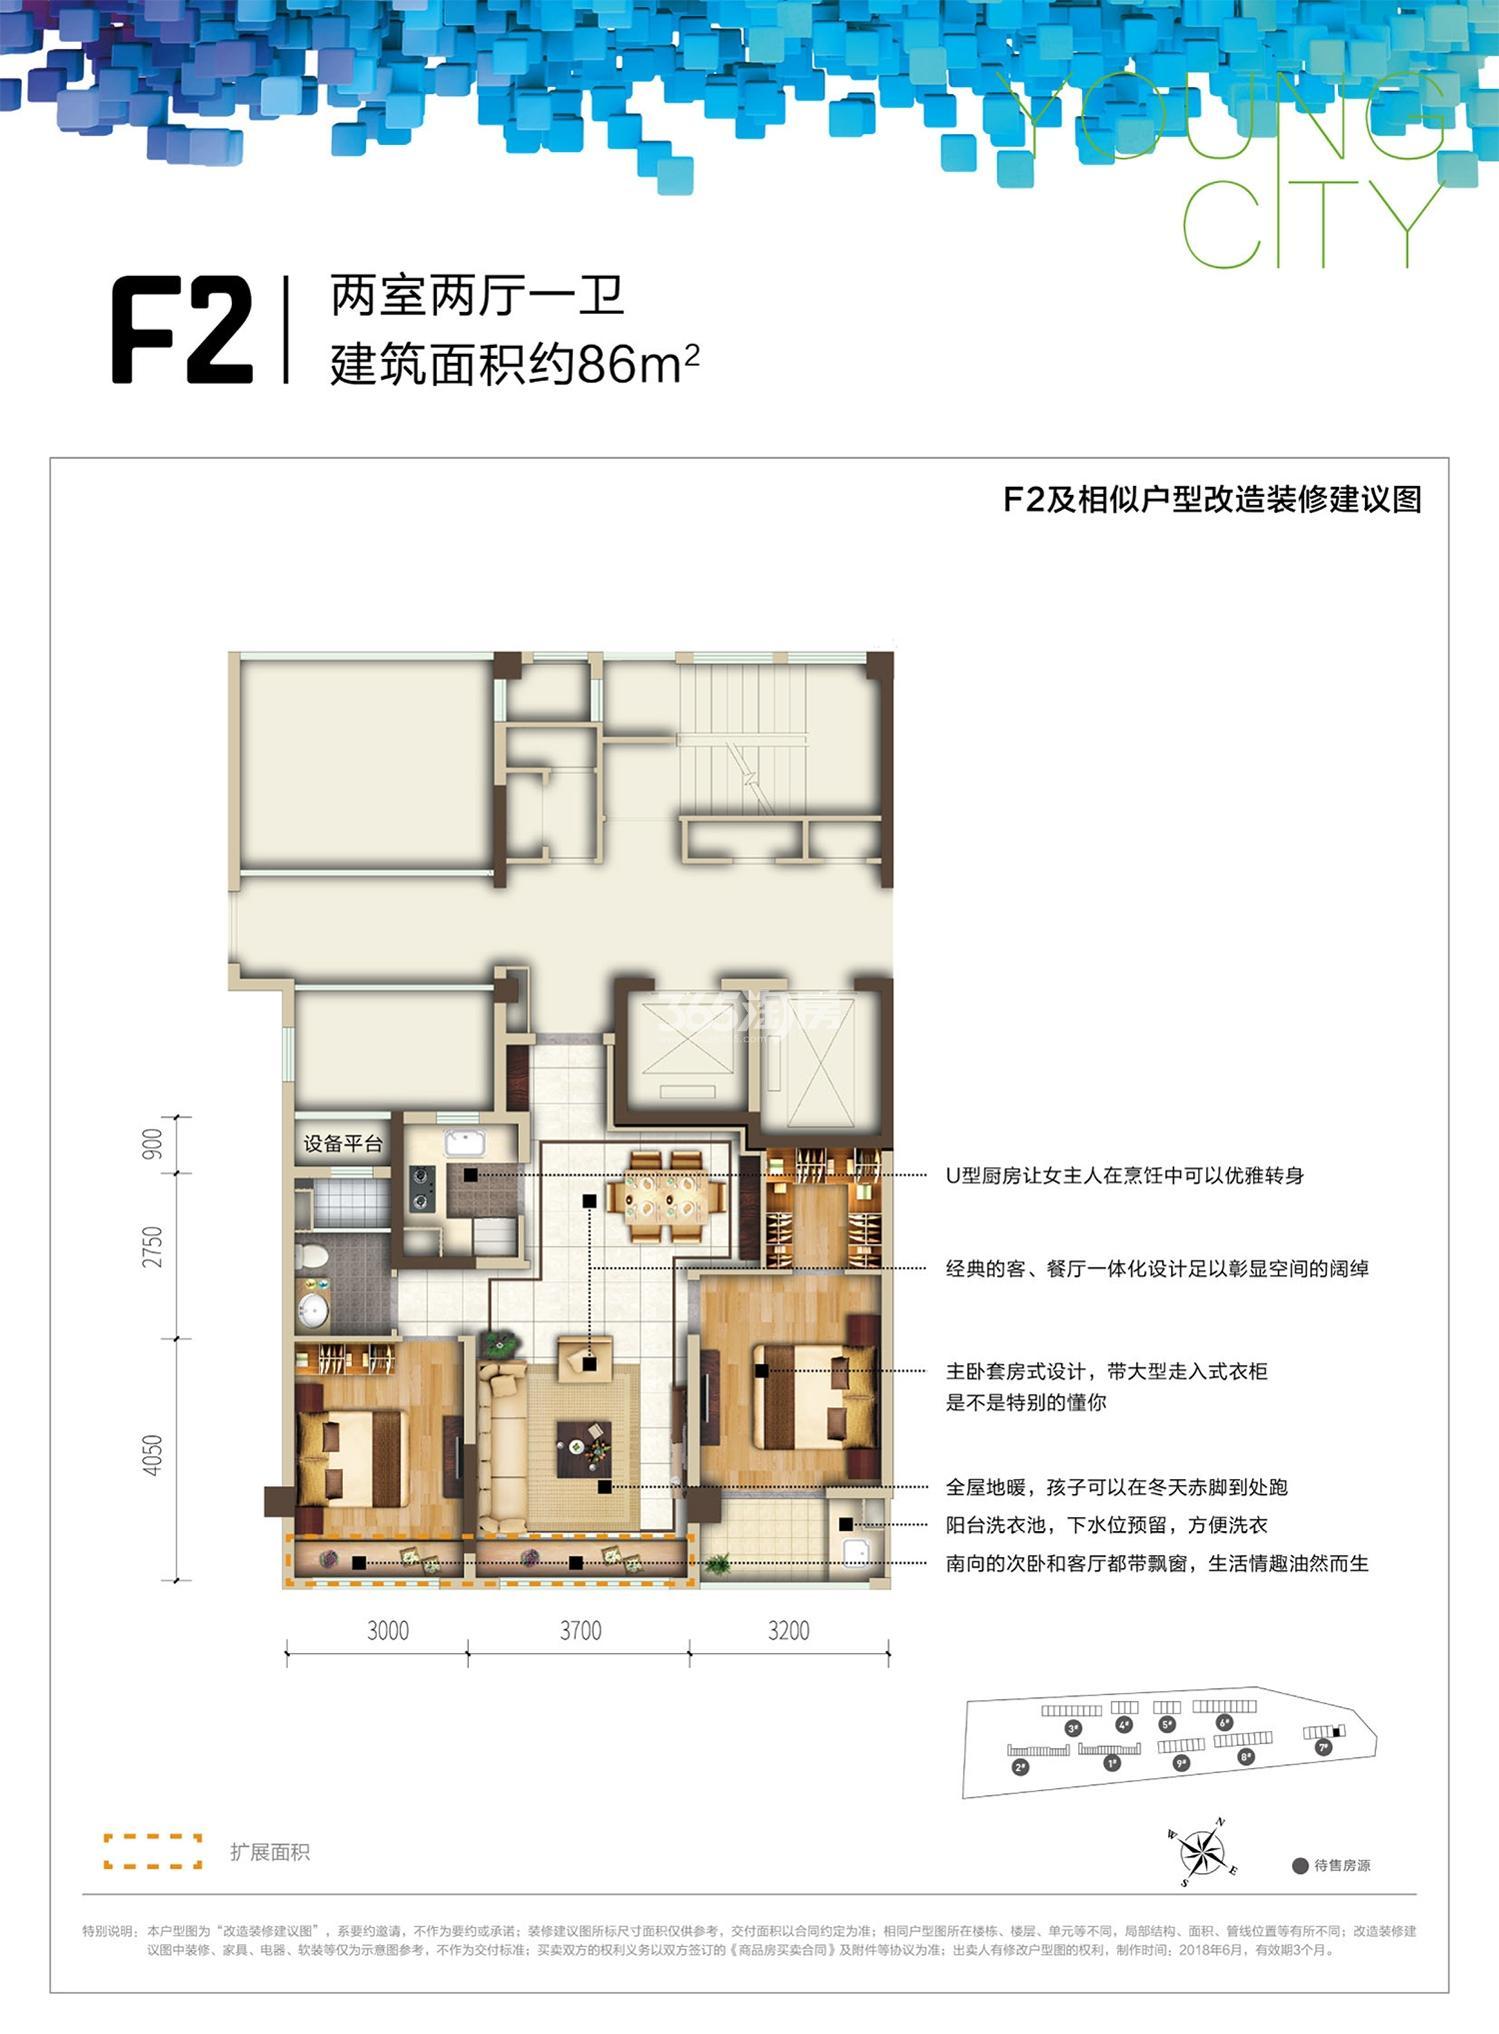 地铁绿城杨柳郡四期F2户型约86㎡(7#中间套)